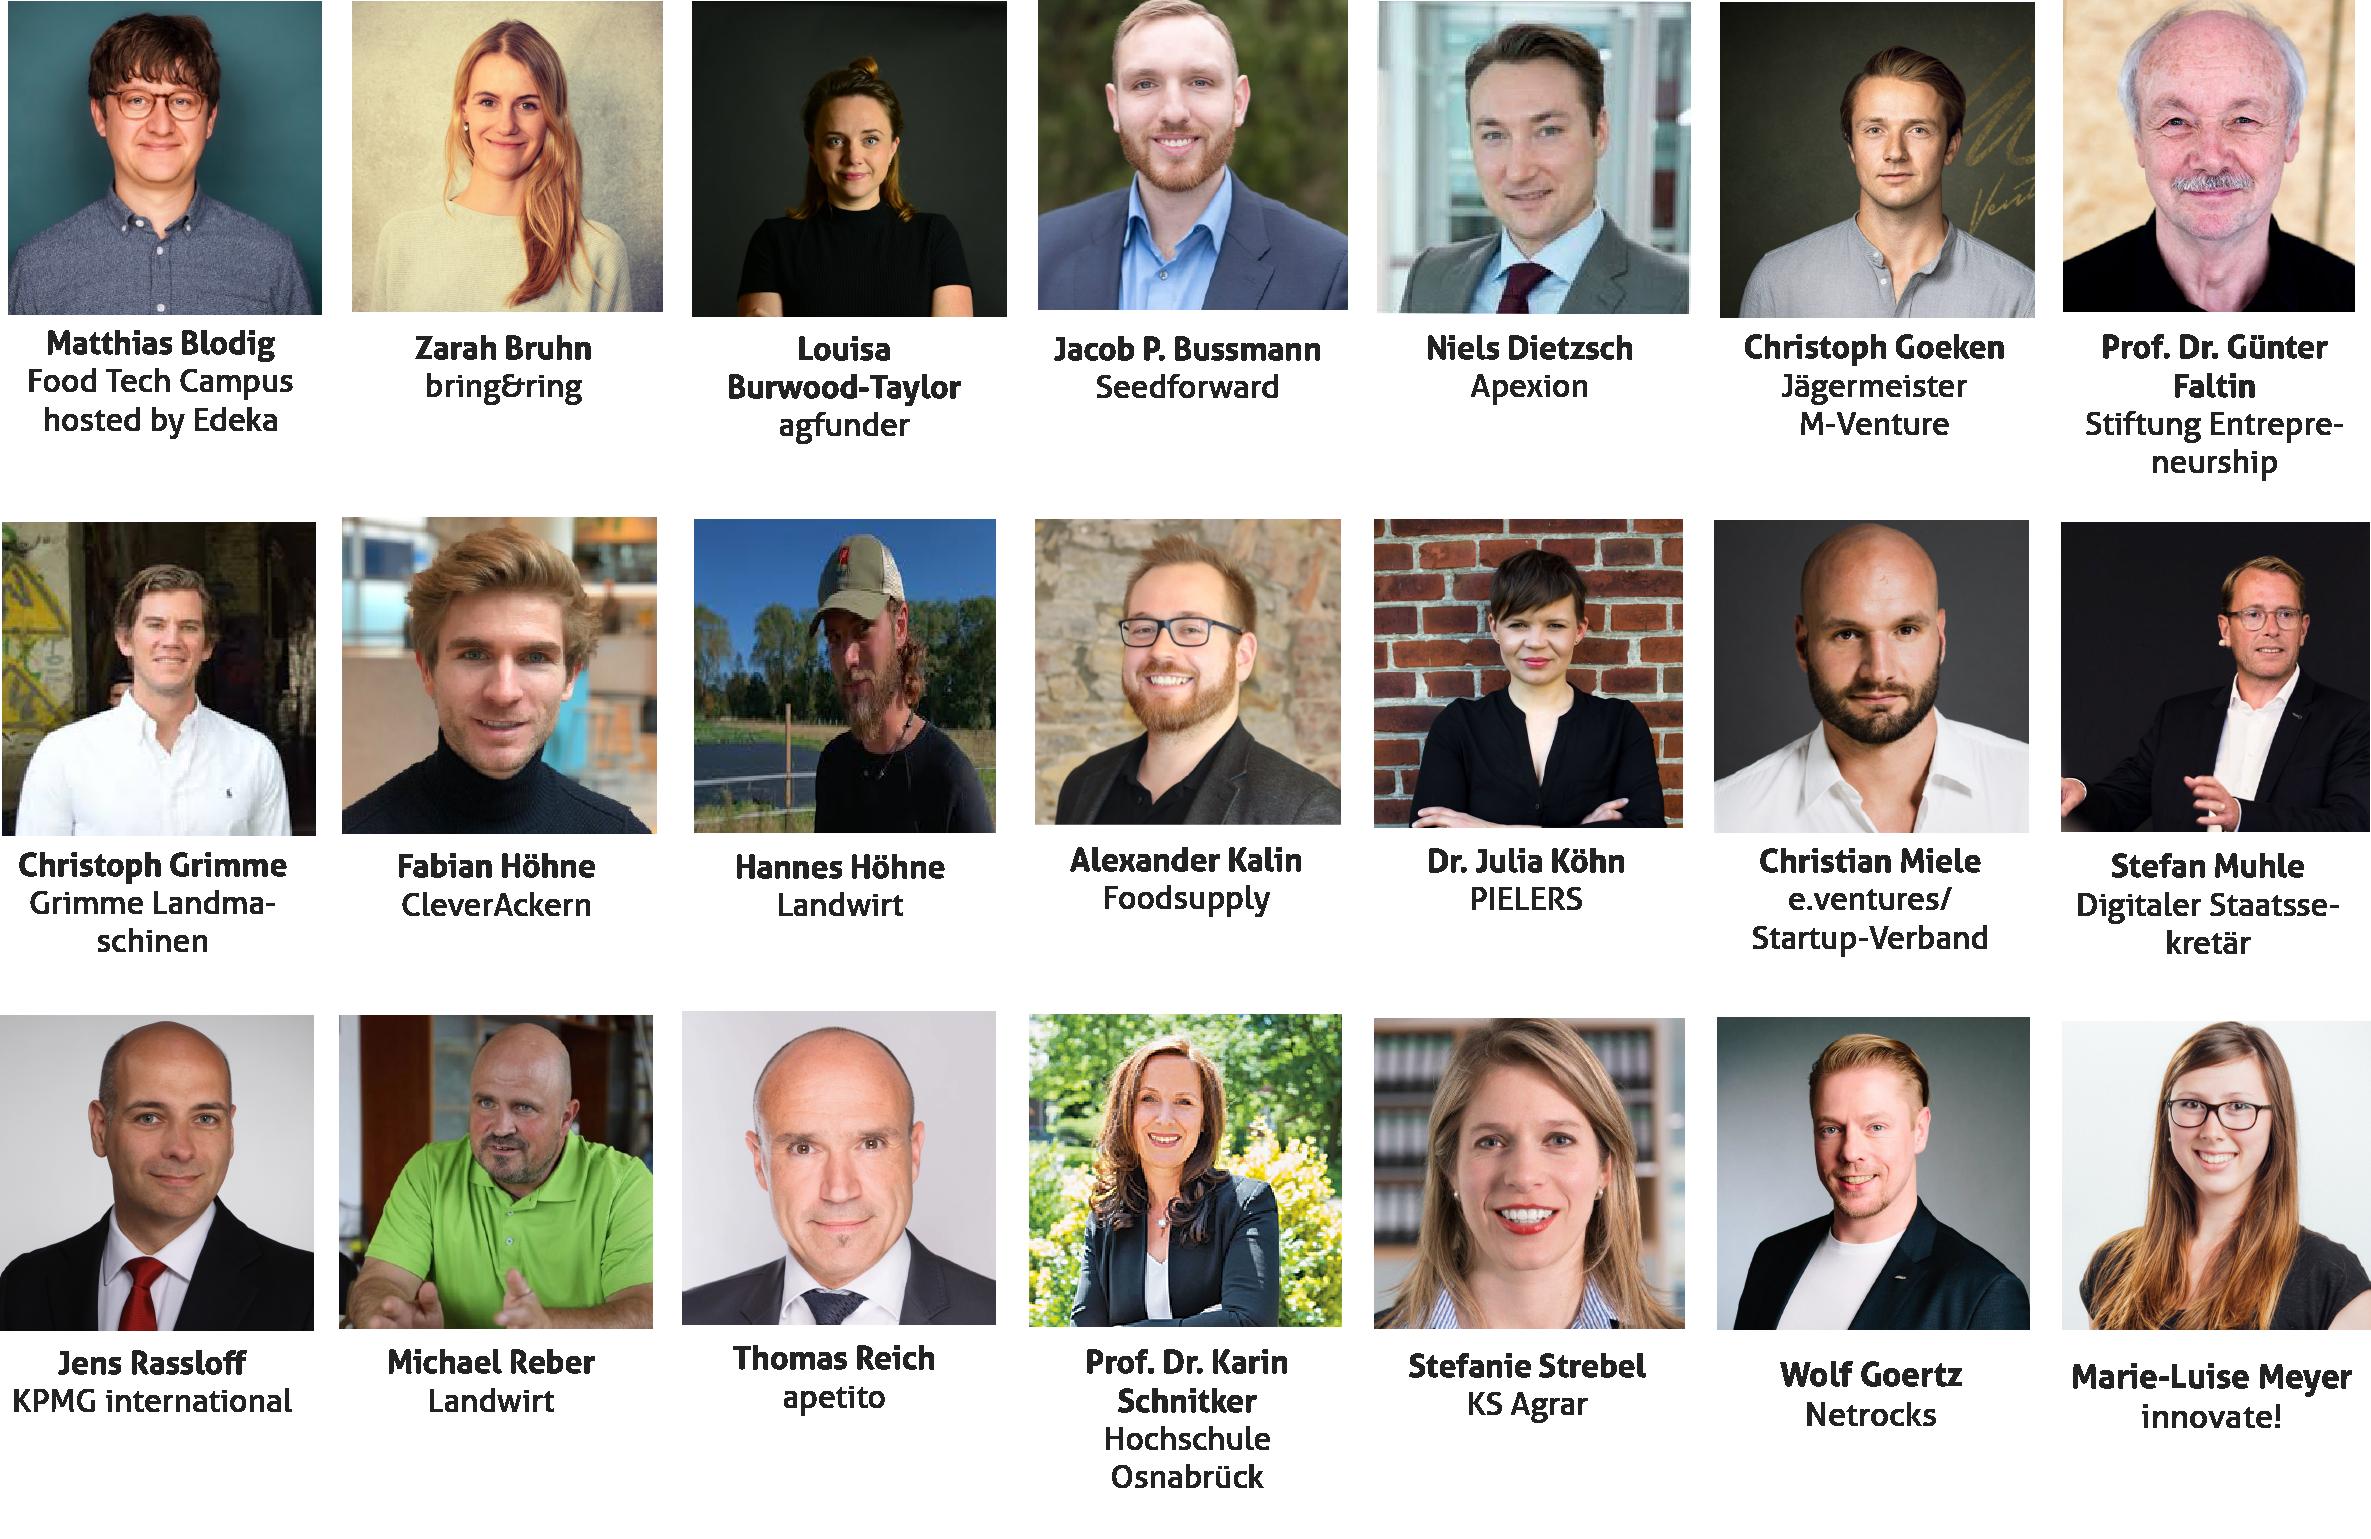 Das ist eine Lister aller Sprecher der Online-Konferenz innovate!now.